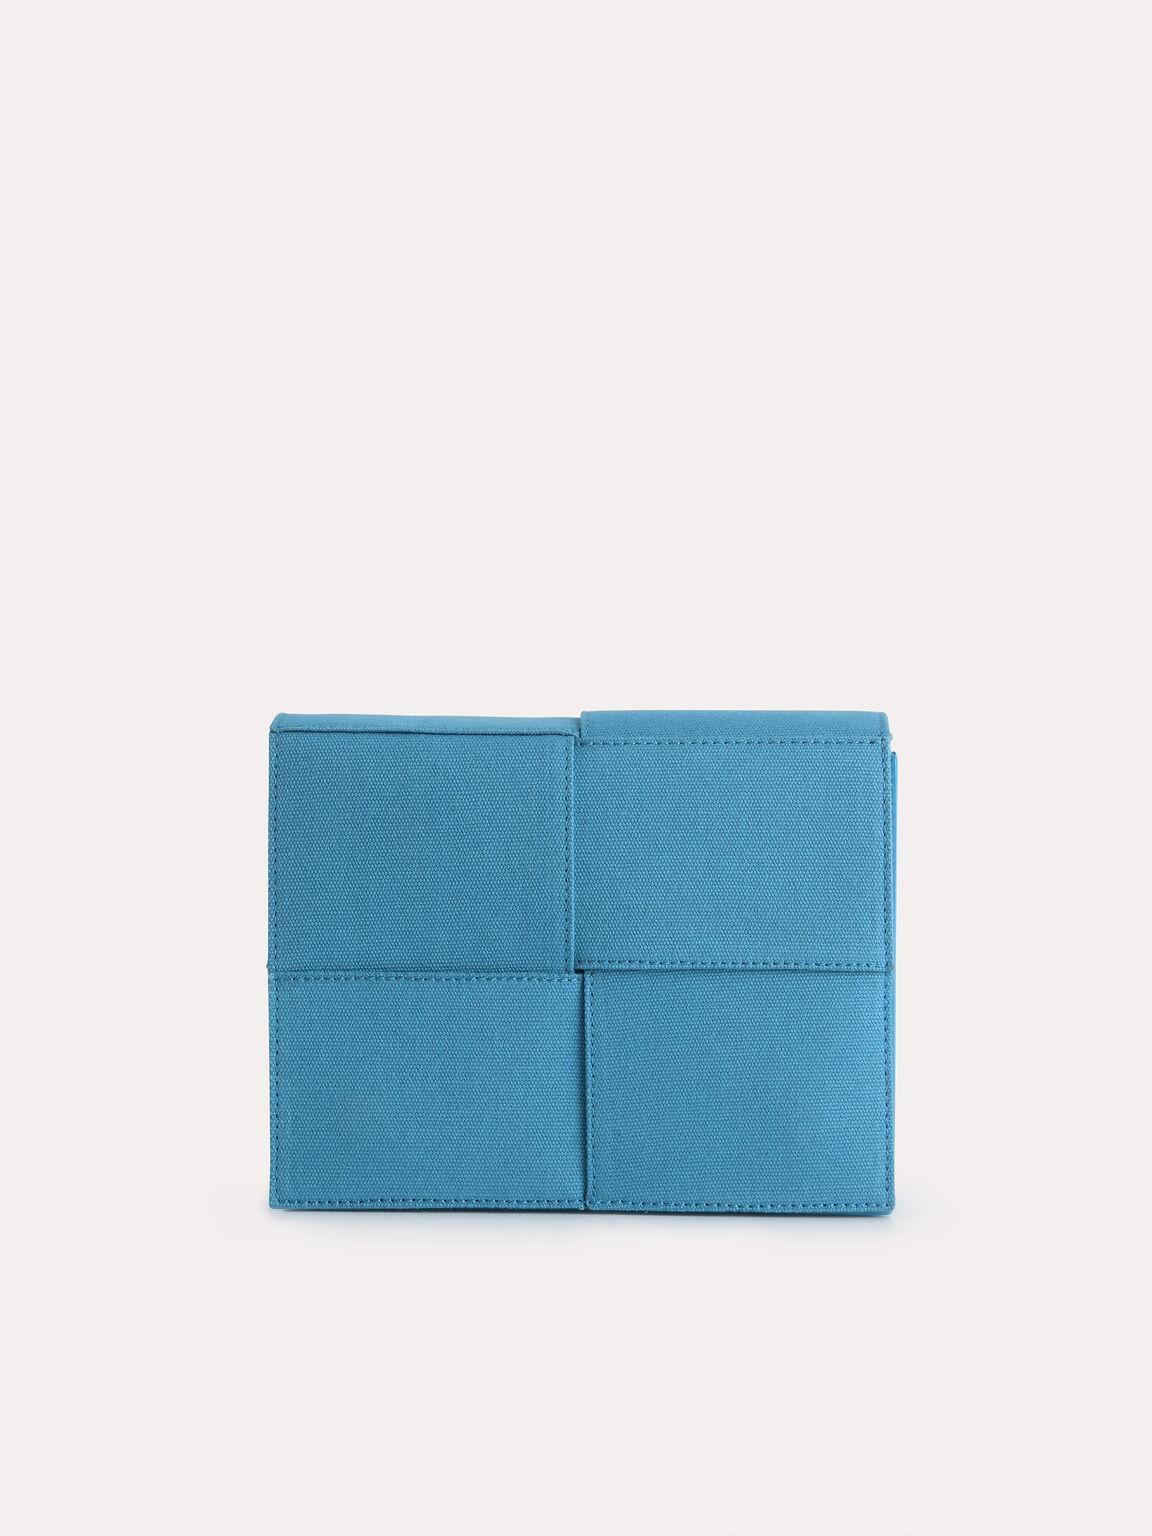 rePEDRO Organic Cotton Mini Boxy Shoulder Bag, Blue, hi-res